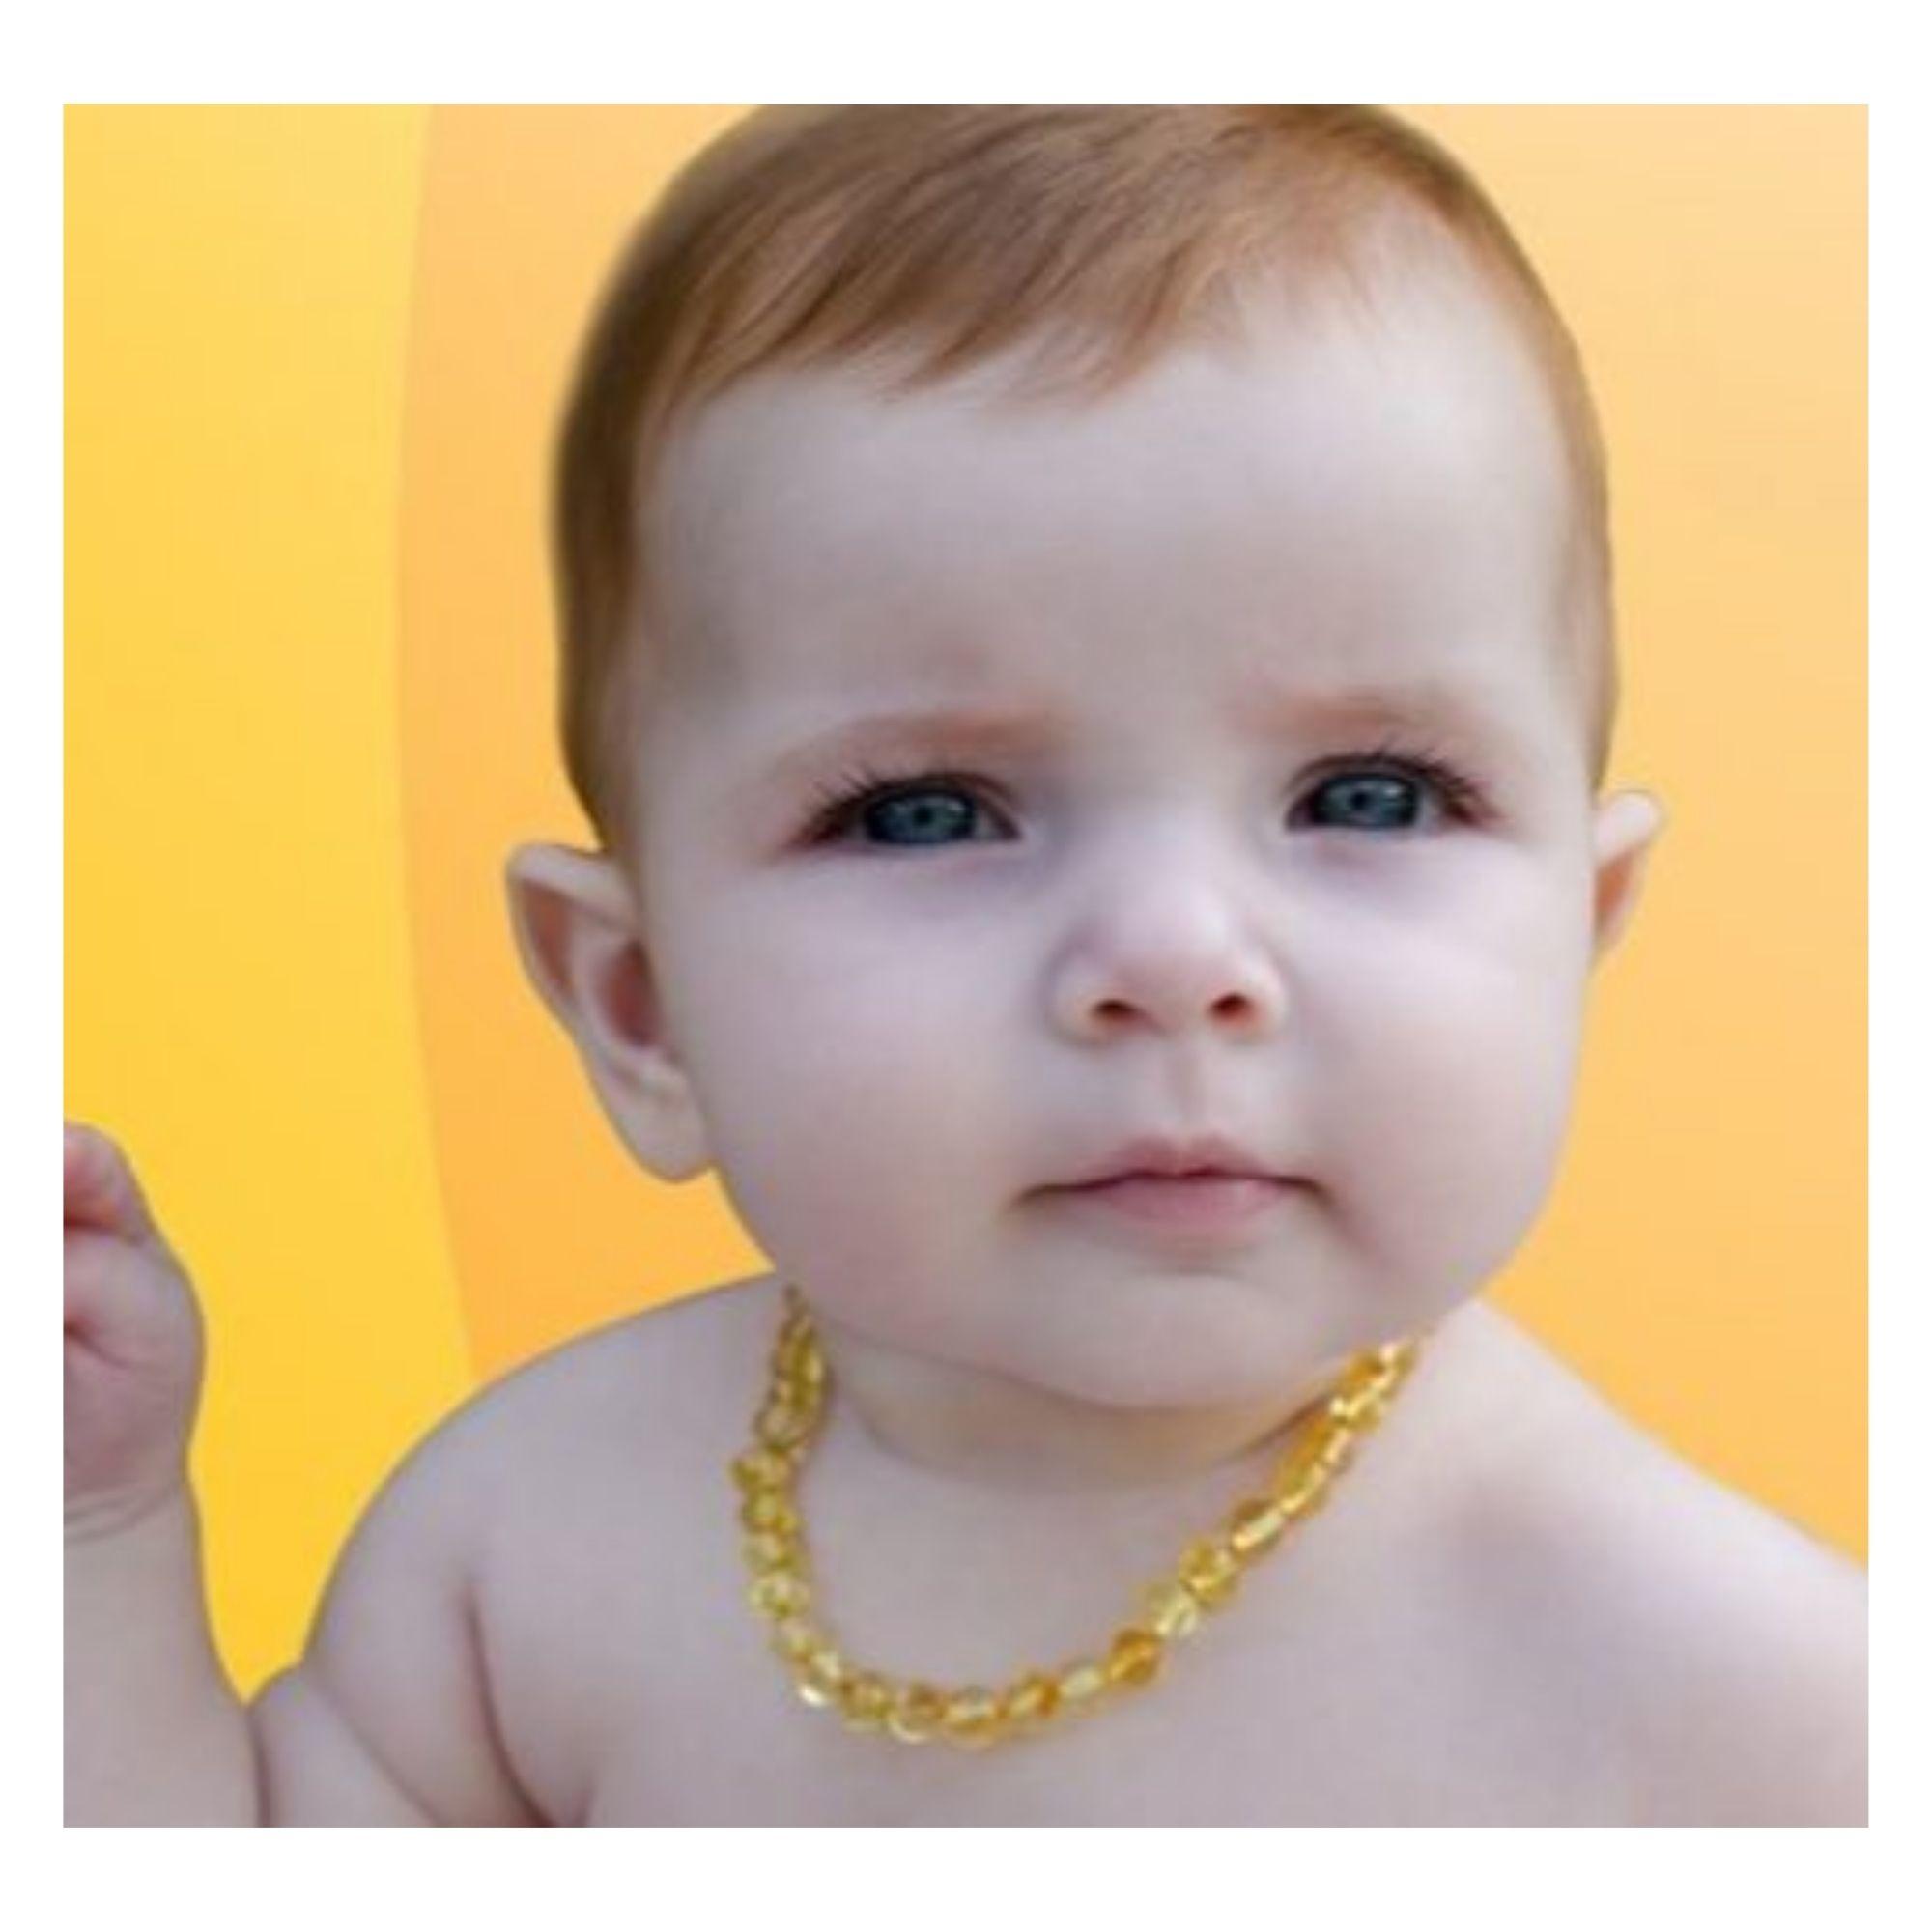 Kit Colar Pulseira Âmbar Baltico p/ Dentição do Bebê  - Game Land Brinquedos